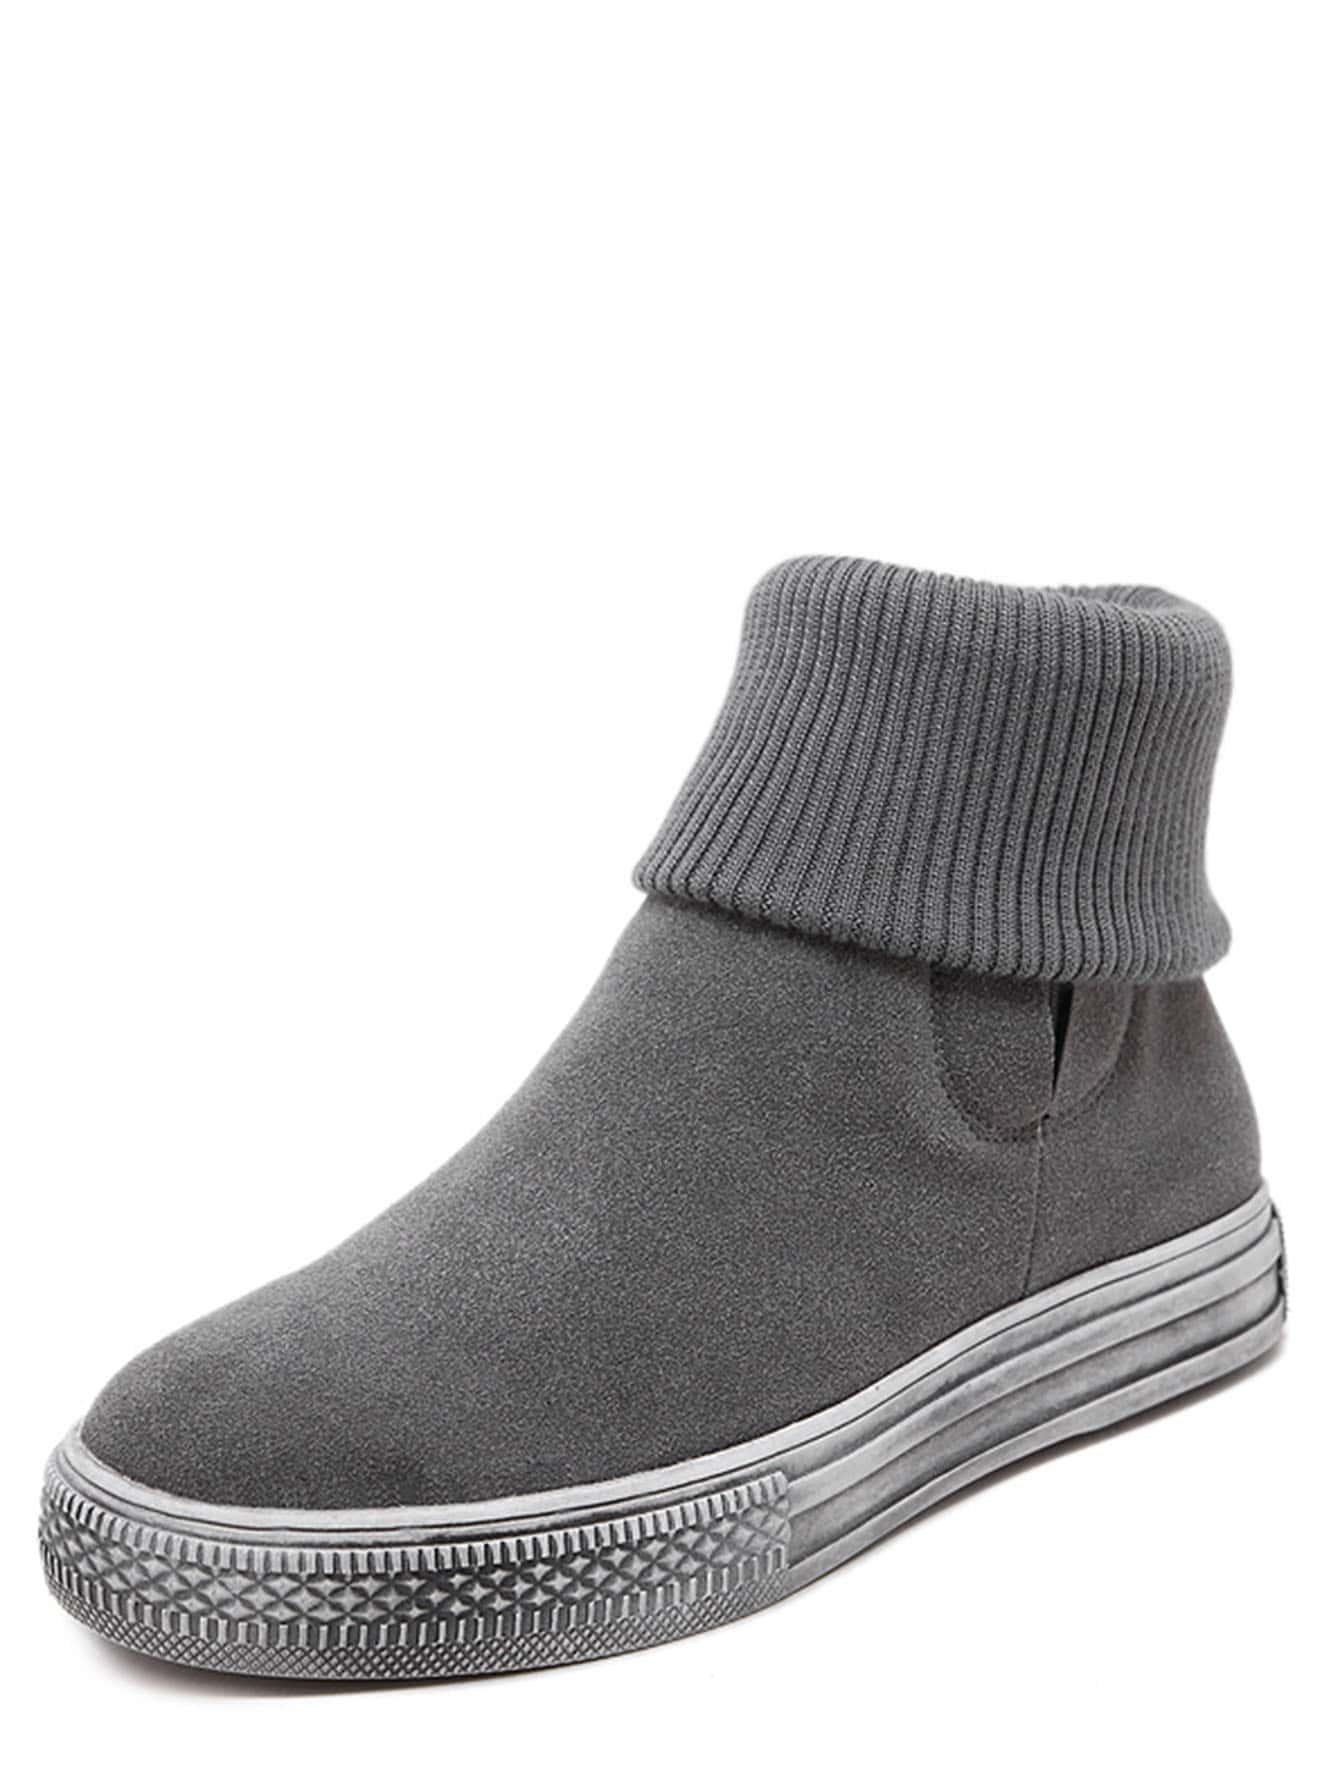 shoes160928808_2